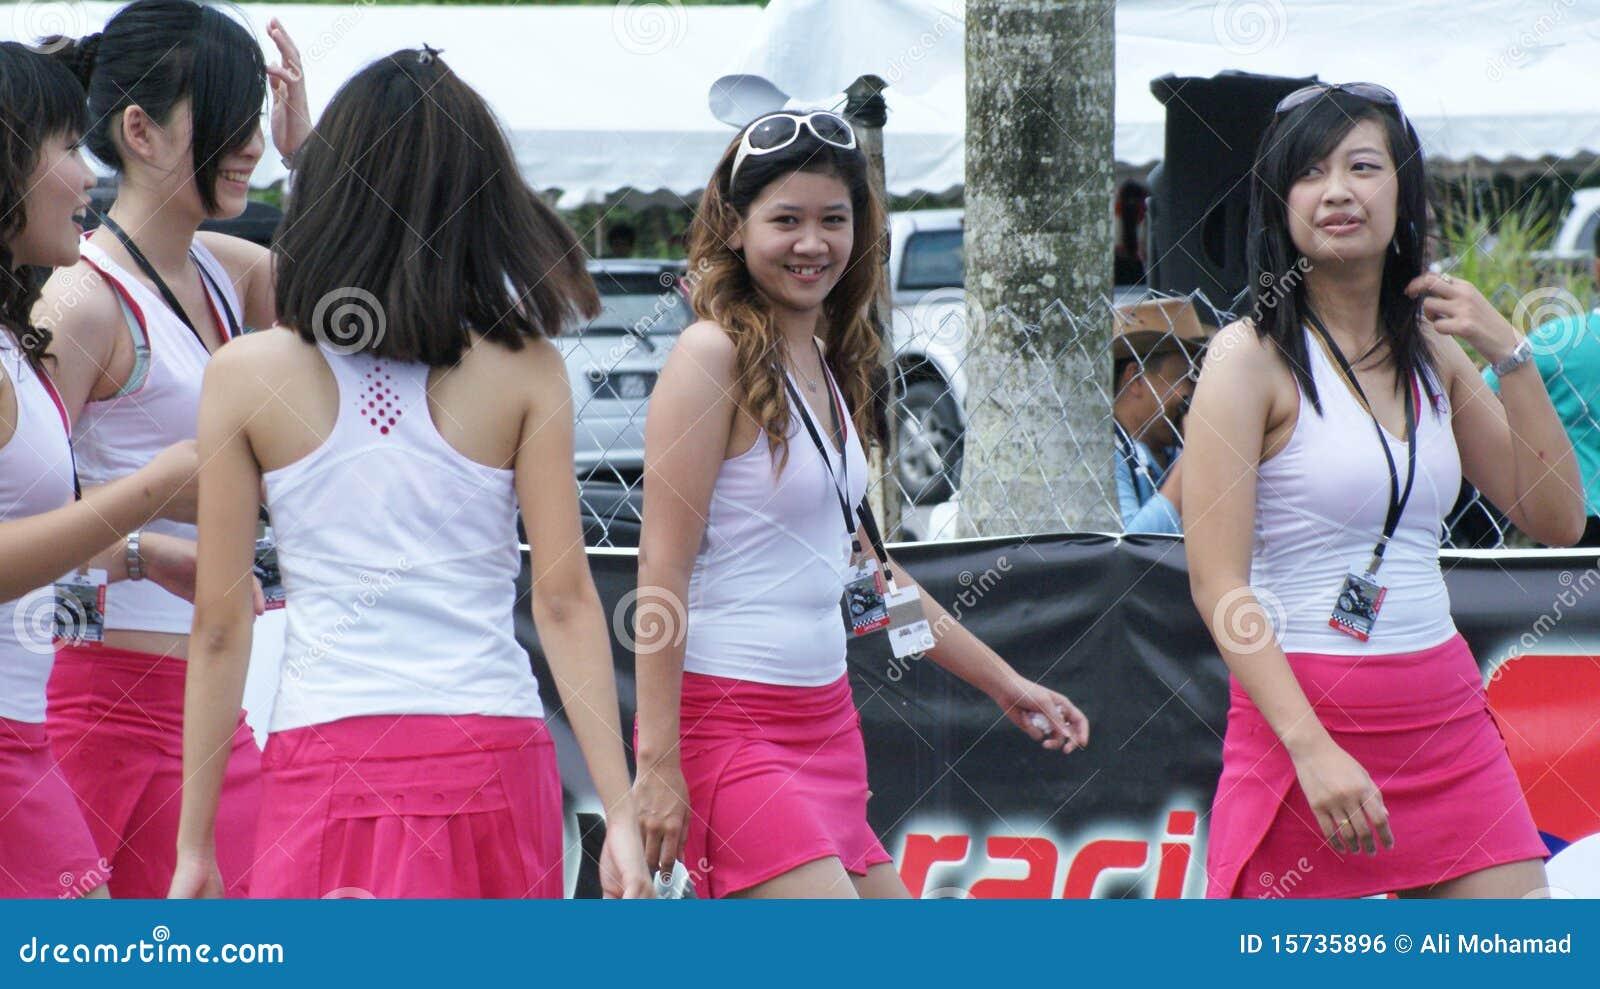 Kuching girl